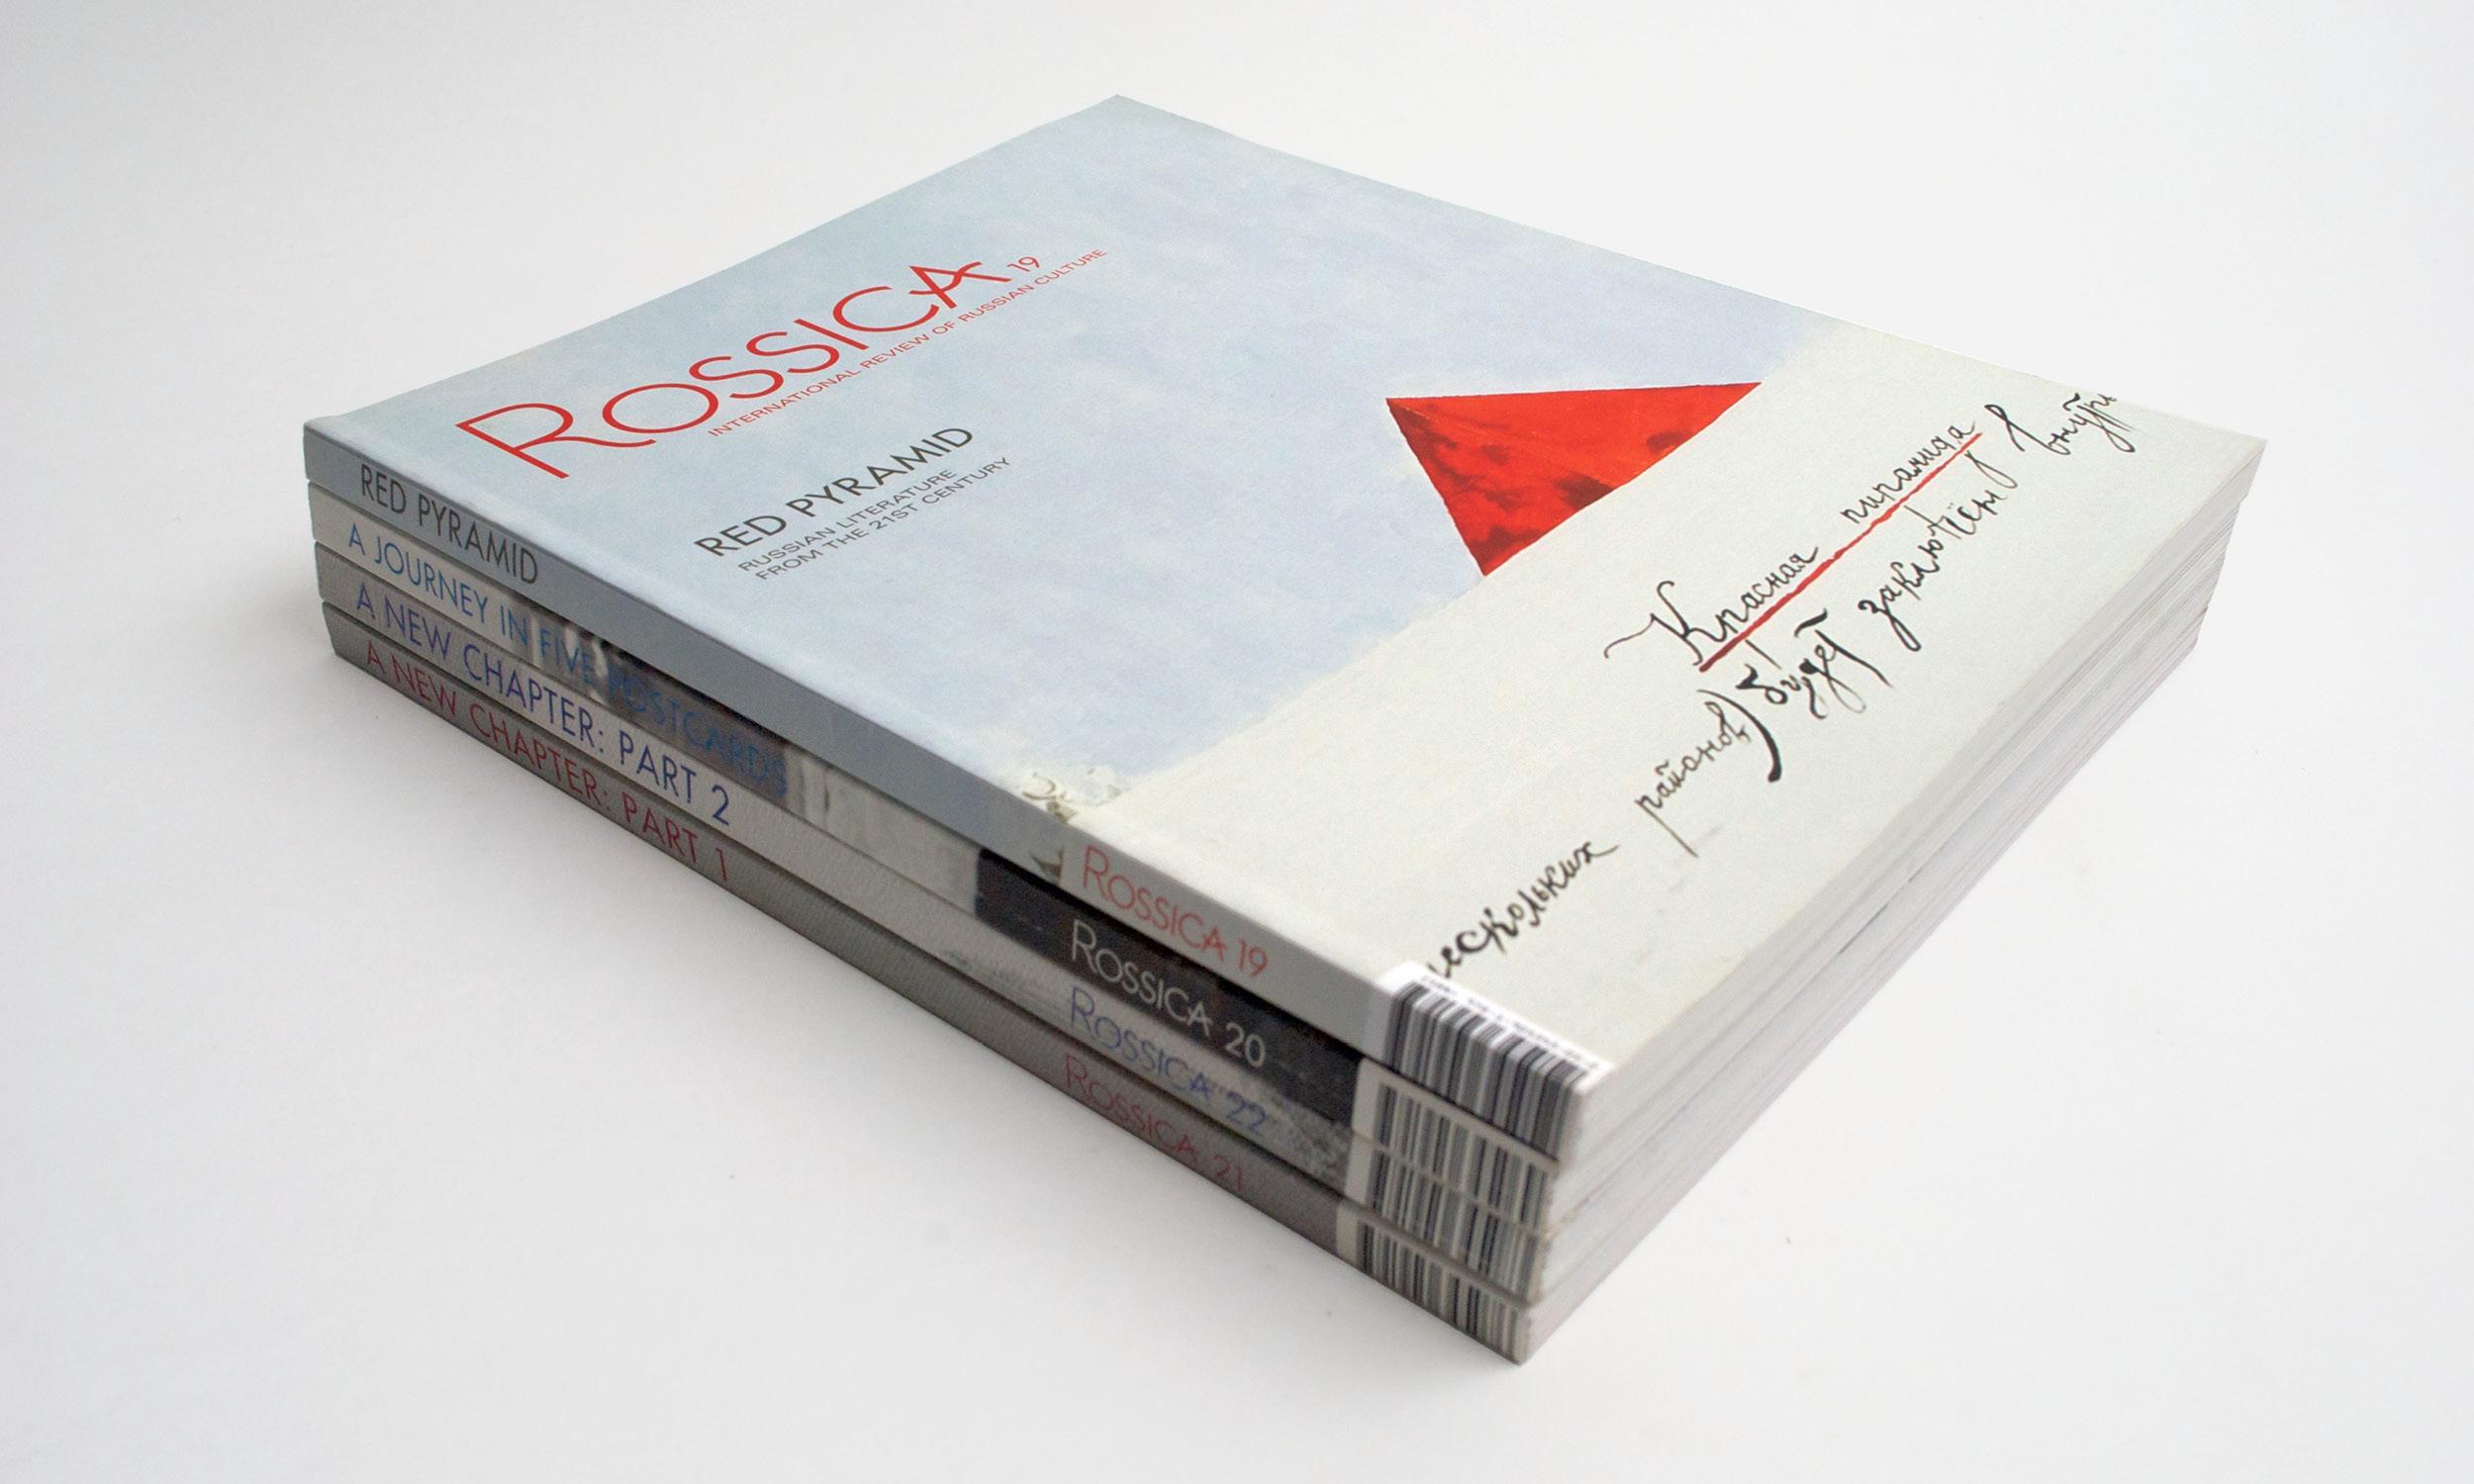 Rossica-LR.jpg